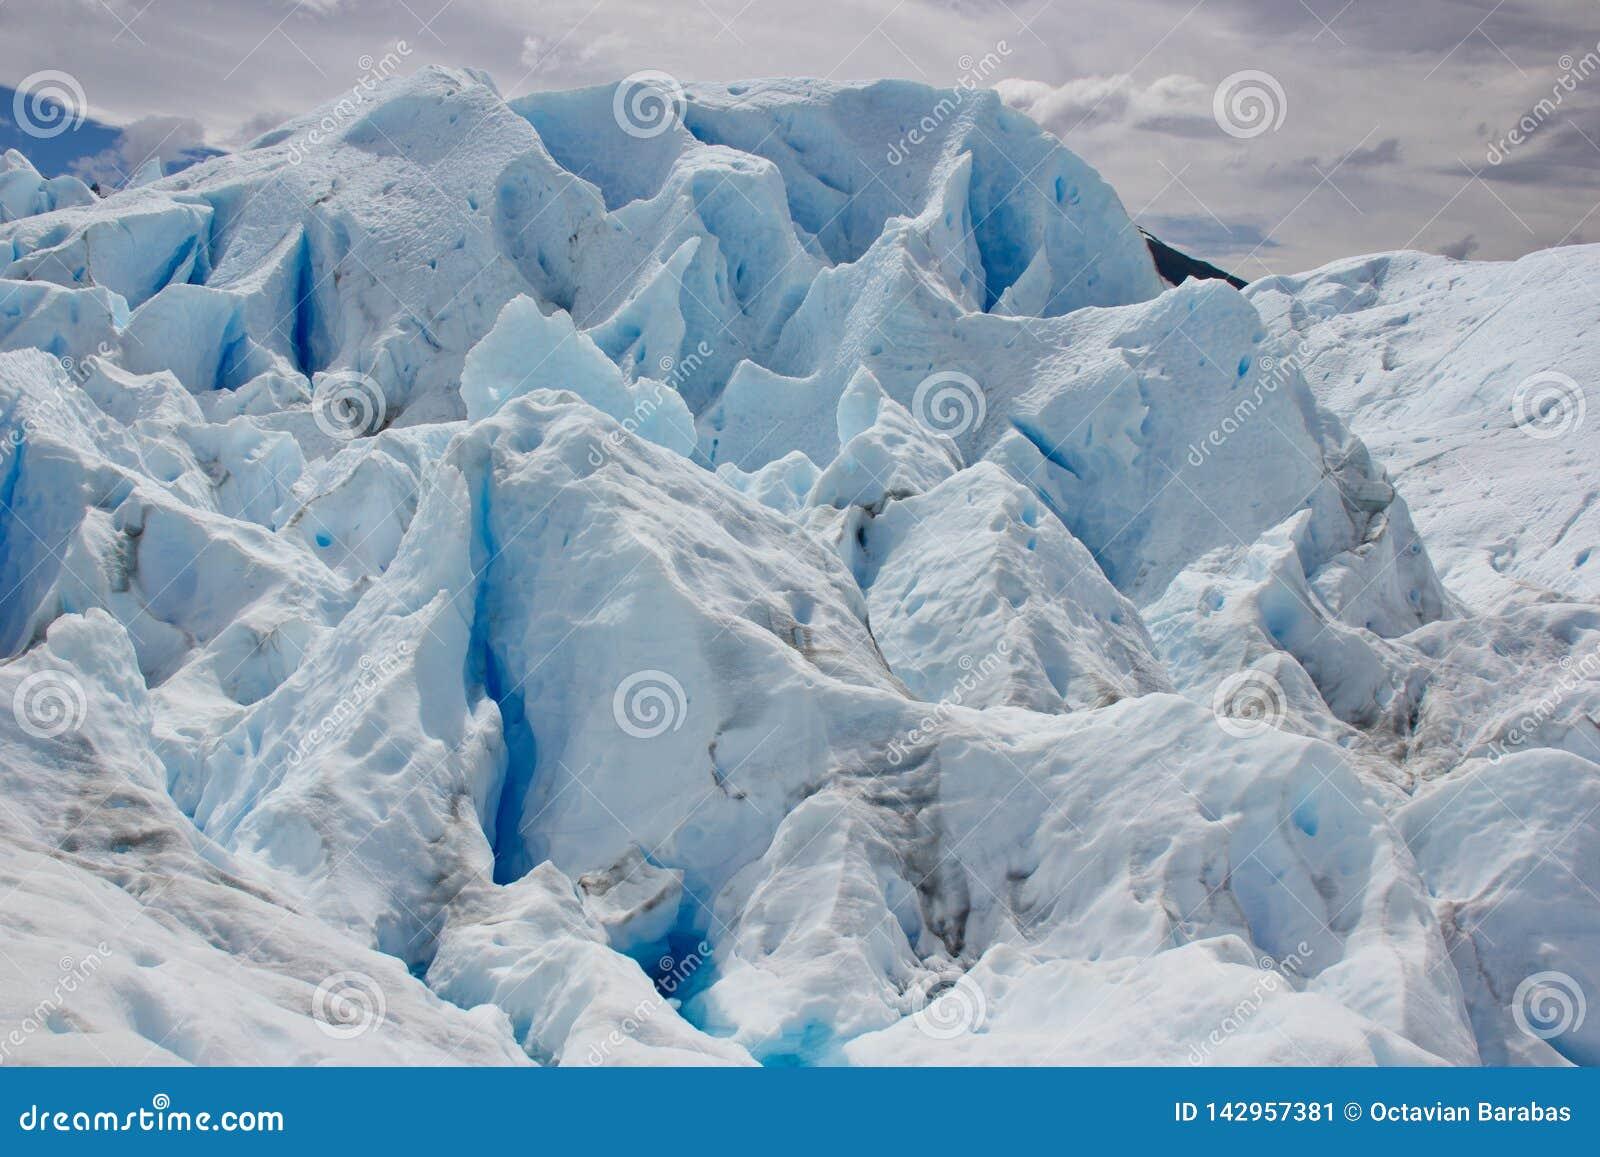 Structures on ice glacier in Perito Moreno